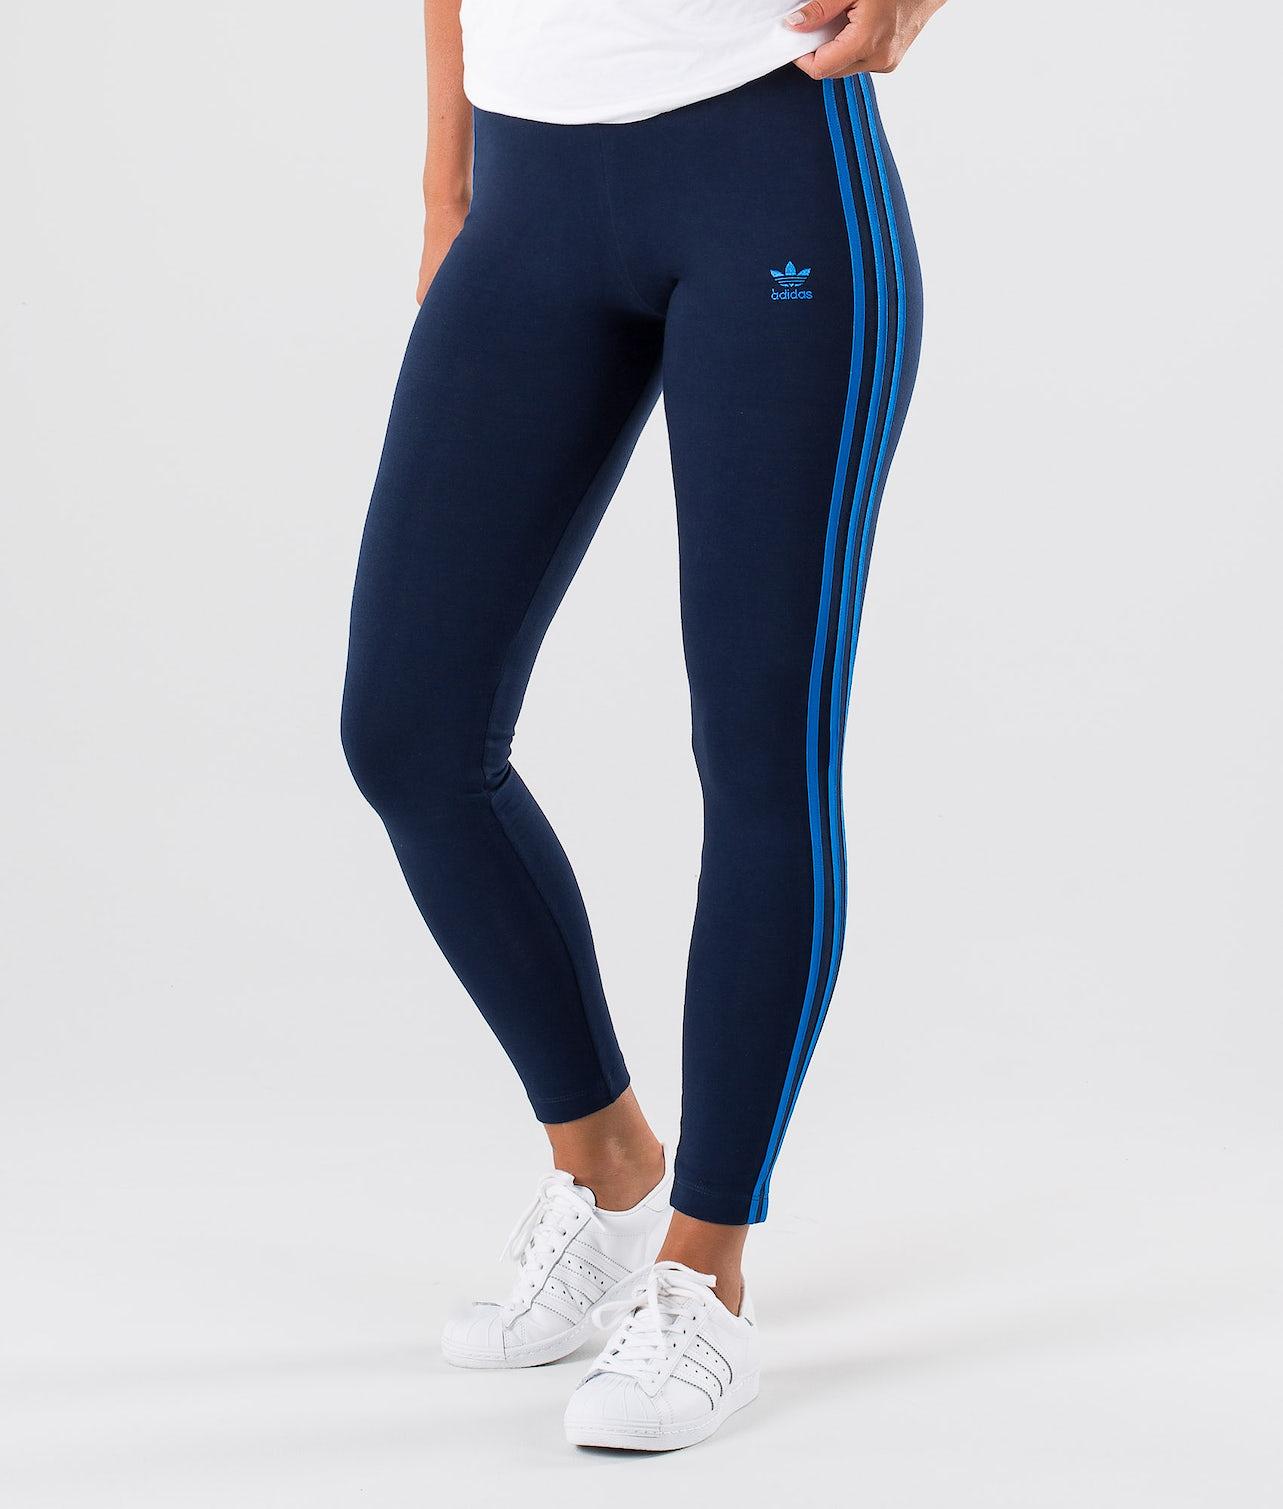 Kjøp 3-Stripes Leggings fra Adidas Originals på Ridestore.no - Hos oss har du alltid fri frakt, fri retur og 30 dagers åpent kjøp!